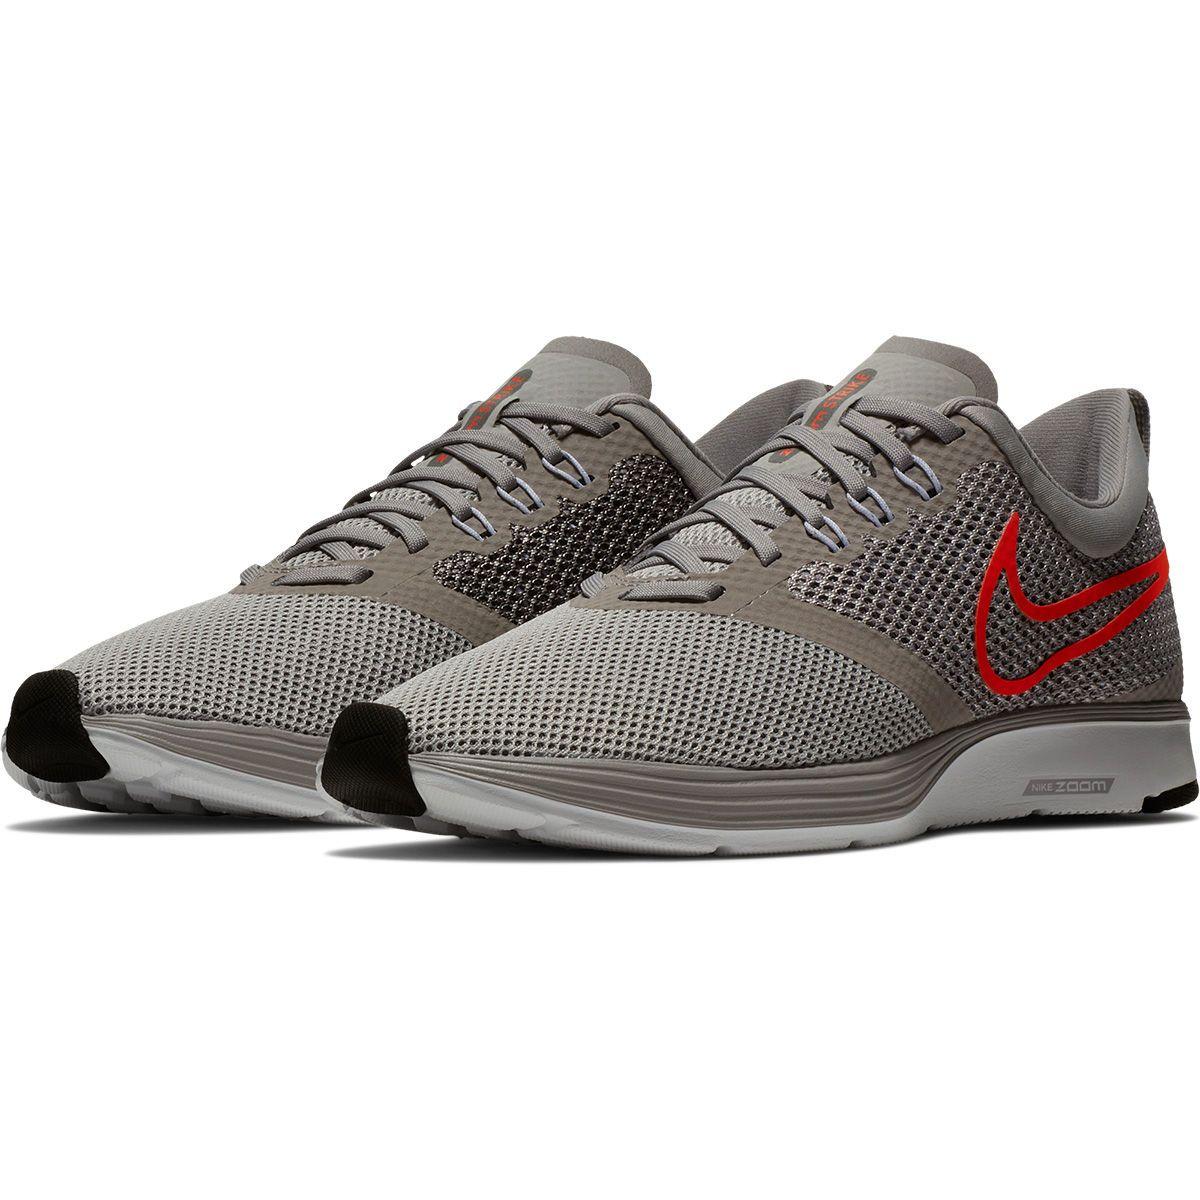 d3648f31a1 Tênis Nike Zoom Strike Masculino - Cinza e Vermelho